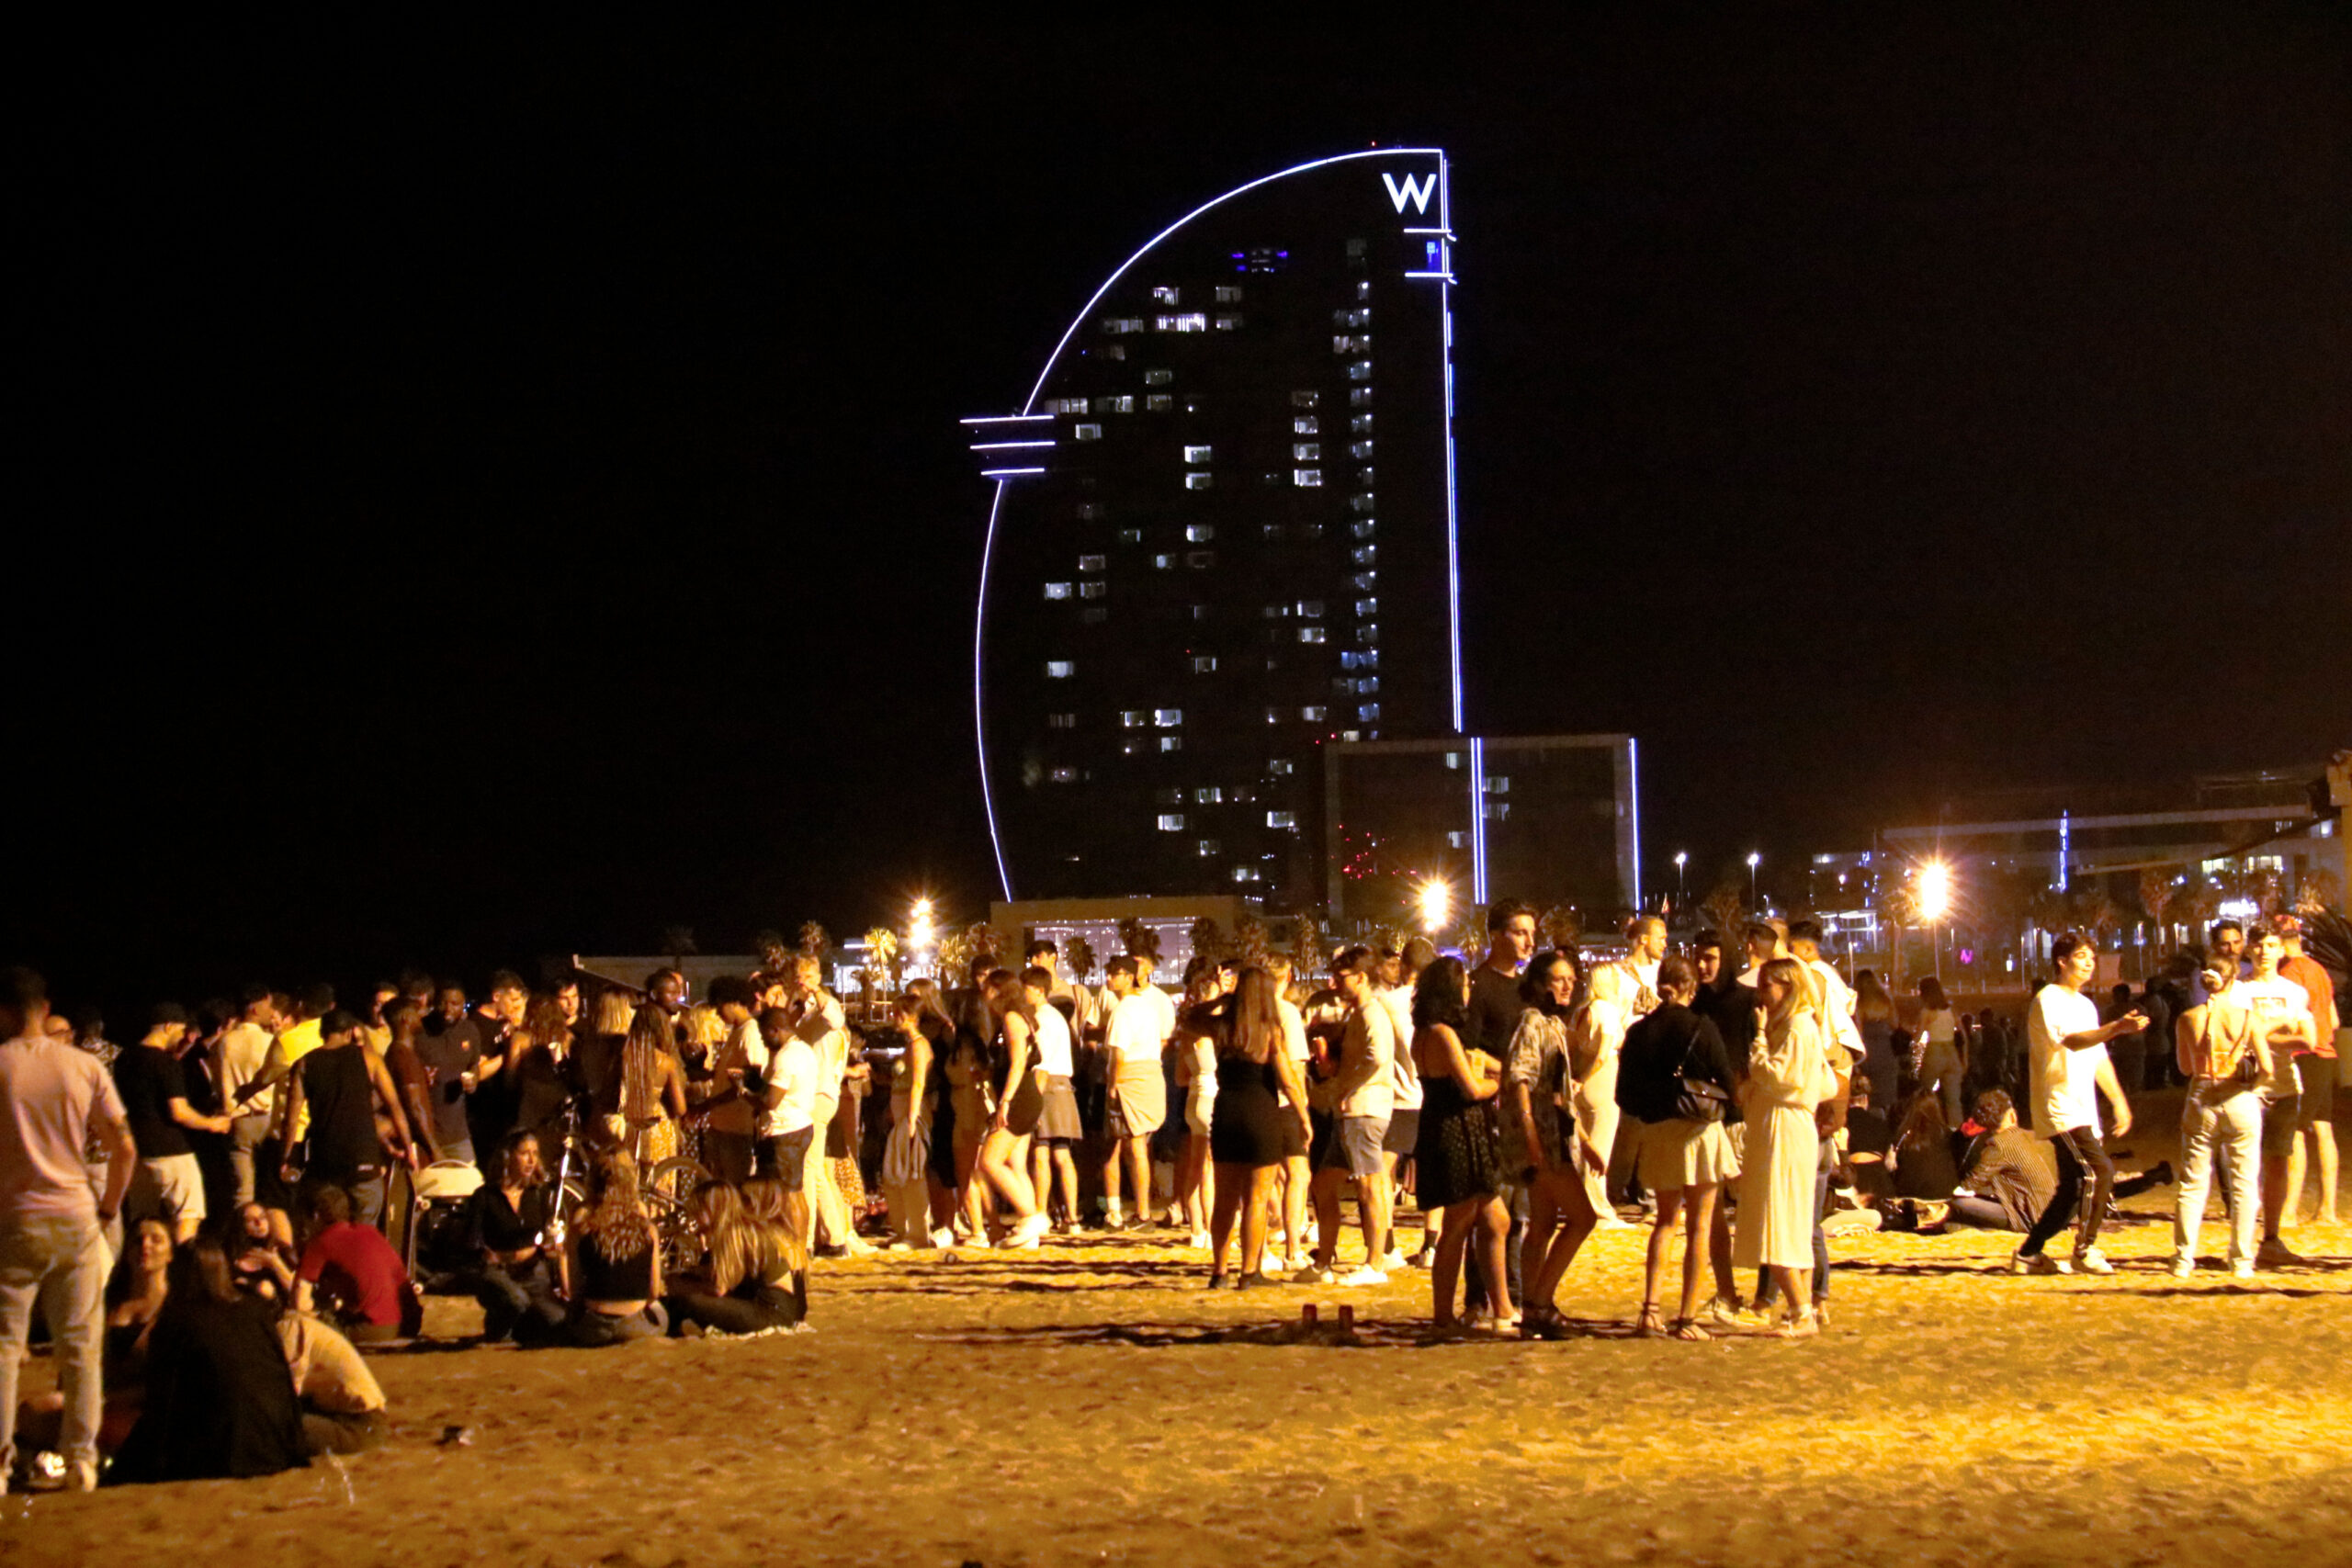 Primera nit de toc de queda, centenars de persones a la platja ACN